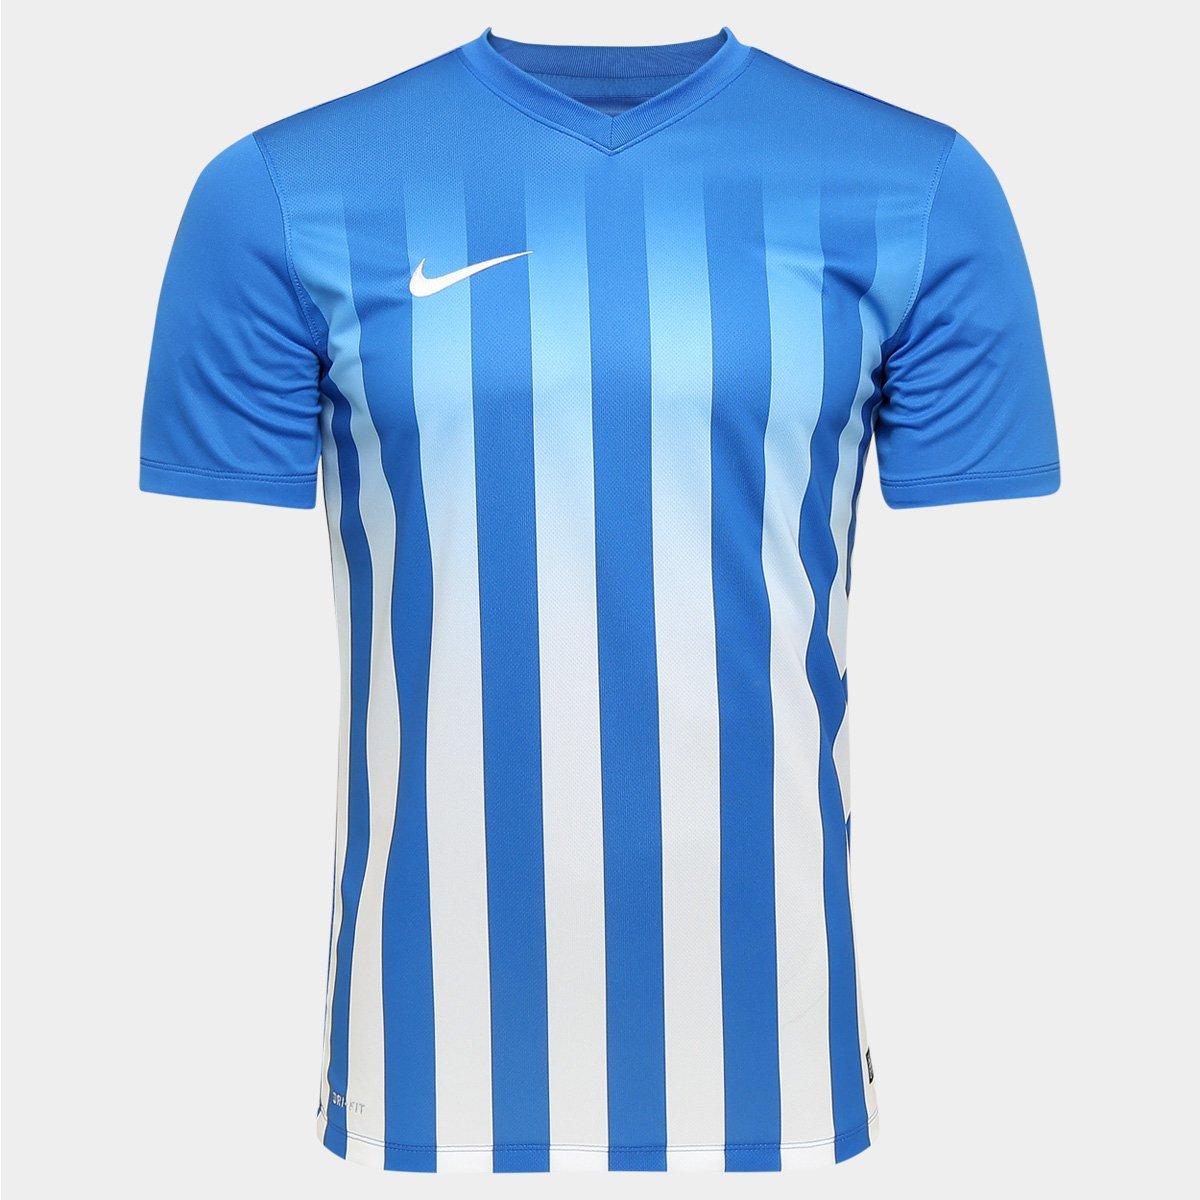 Camisa Nike Striped Division II - Compre Agora  fee6b578b99fa